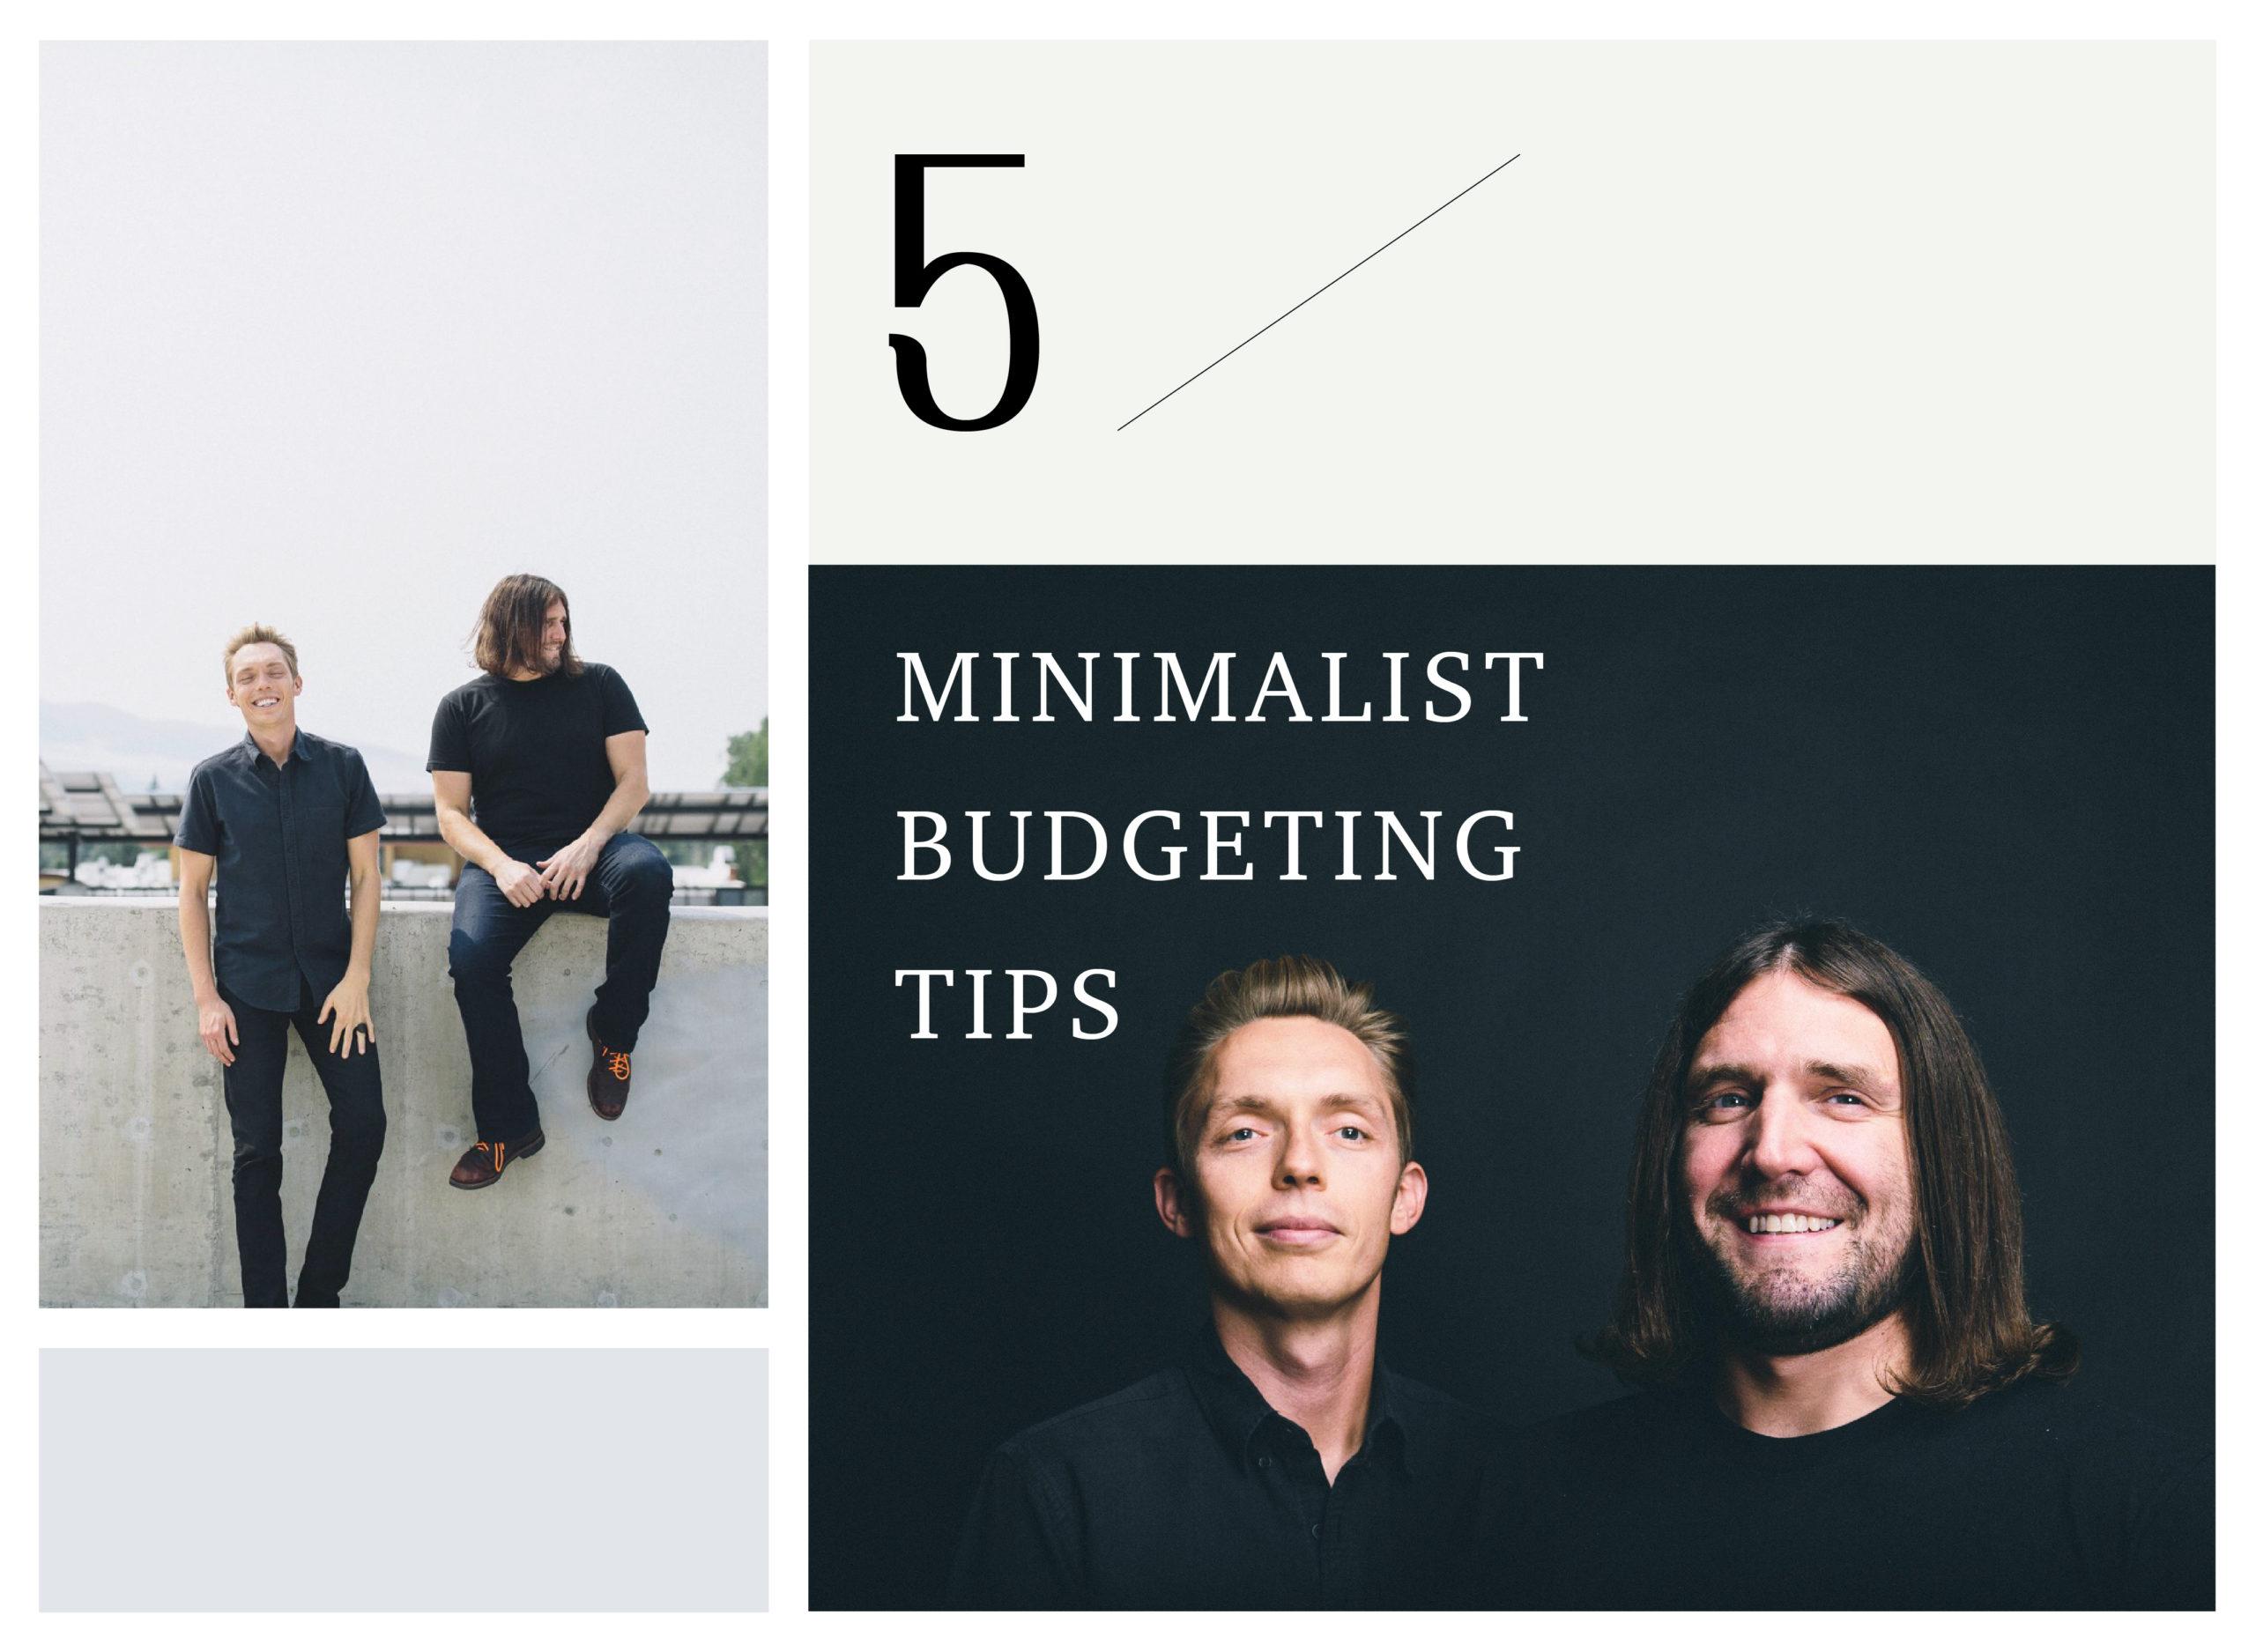 極簡達人教你越省越多!5個實用「金錢管理」Tips